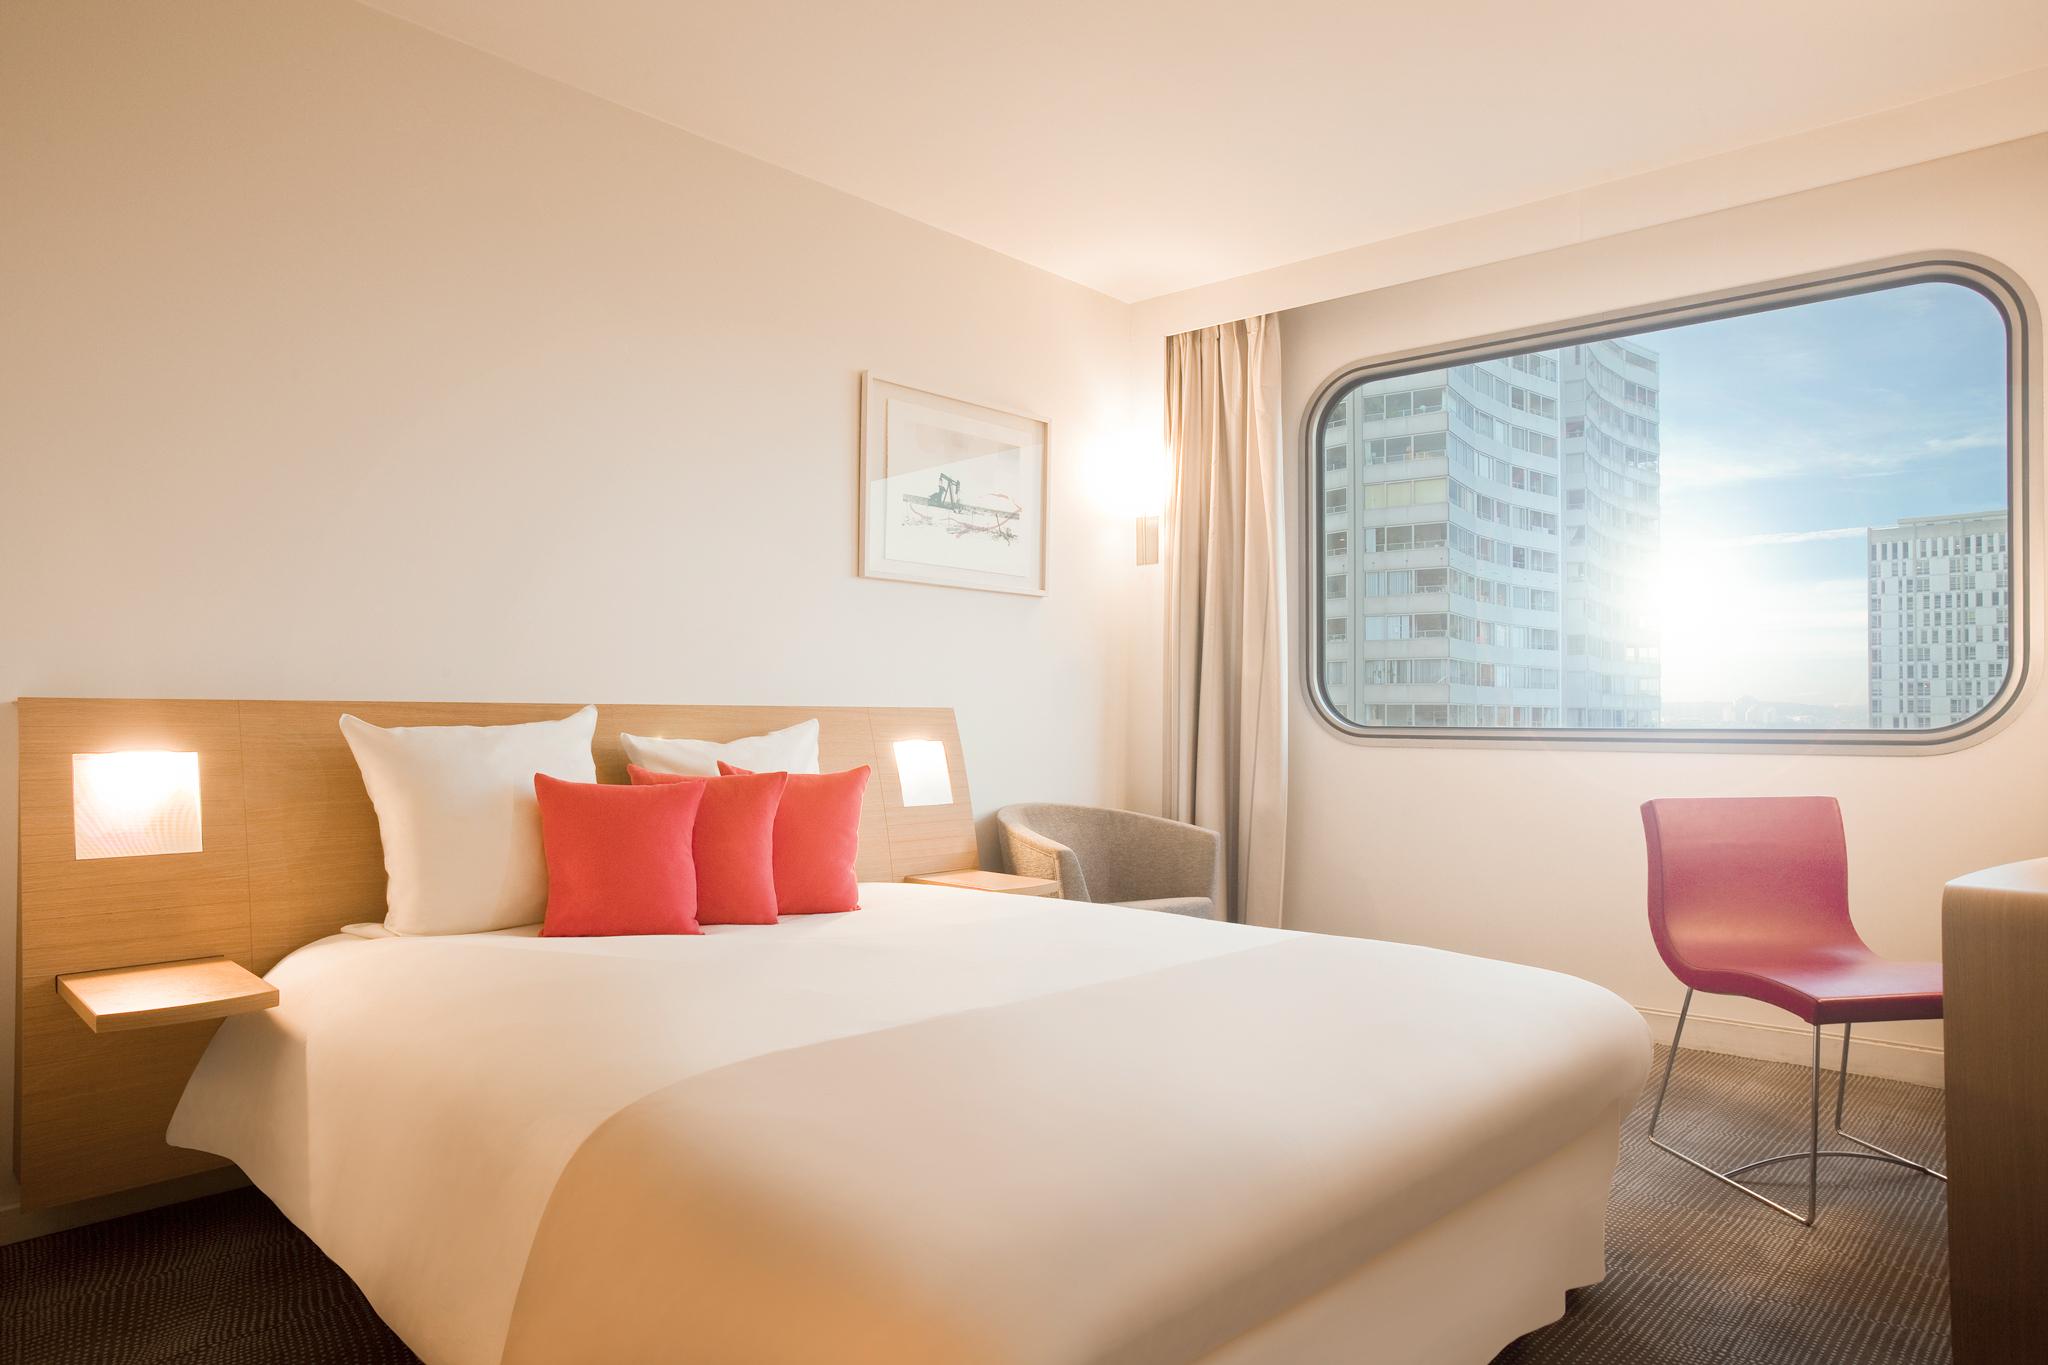 H tel novotel paris tour eiffel paris transat - Hotel paris chambre 5 personnes ...